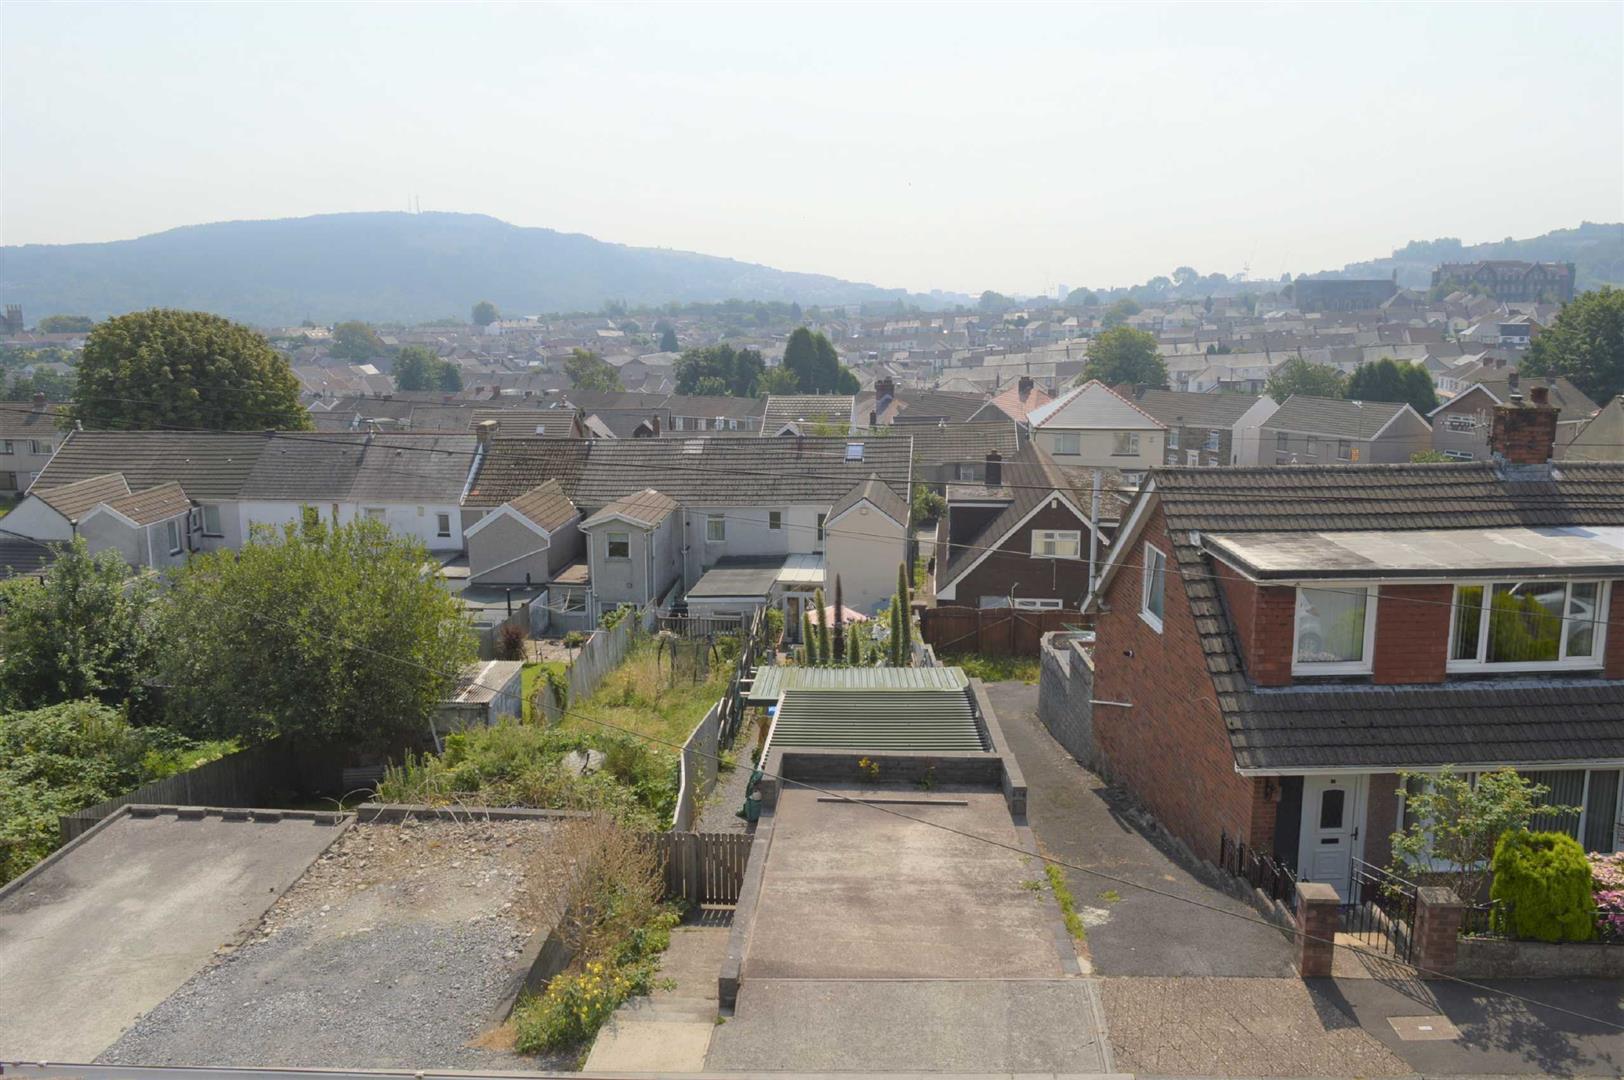 Bryn Street, Brynhyfryd, Swansea, SA5 9HP